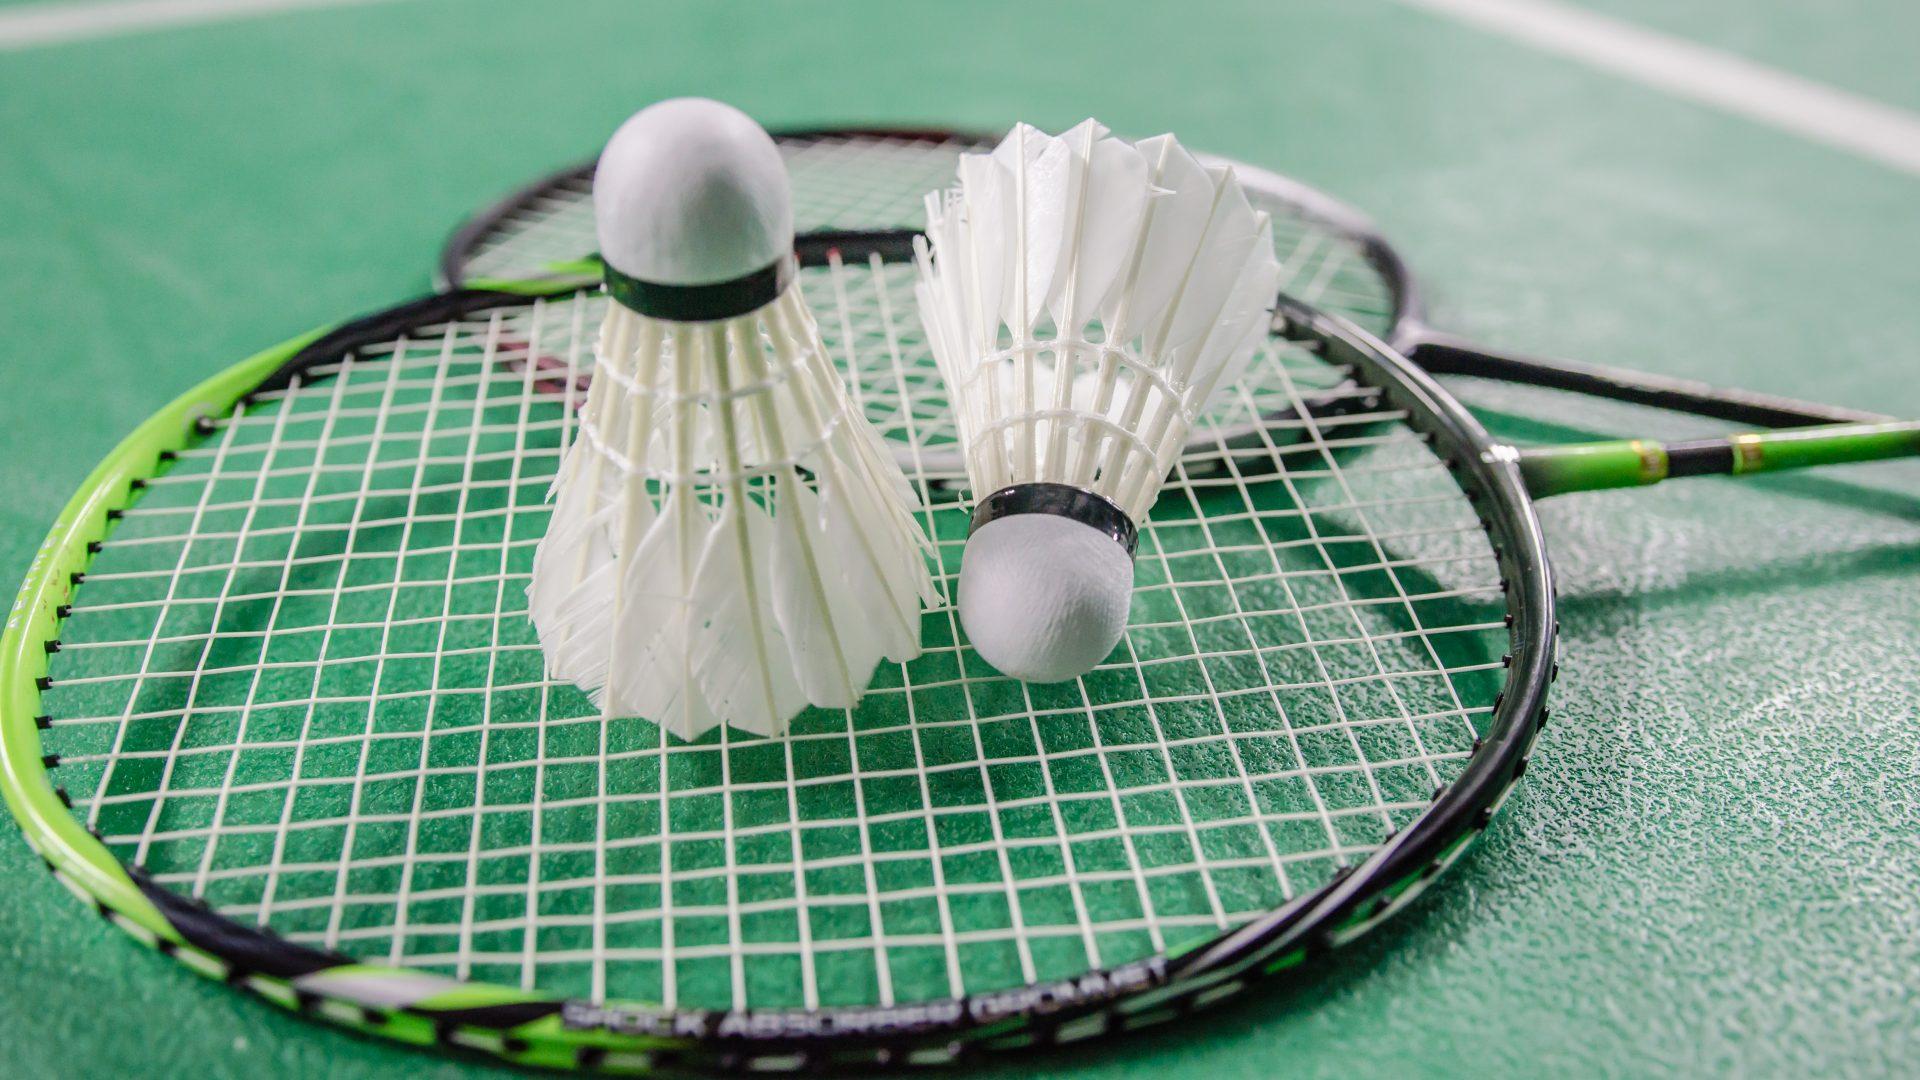 Club athlétique de L'Haÿ-les-Roses badminton